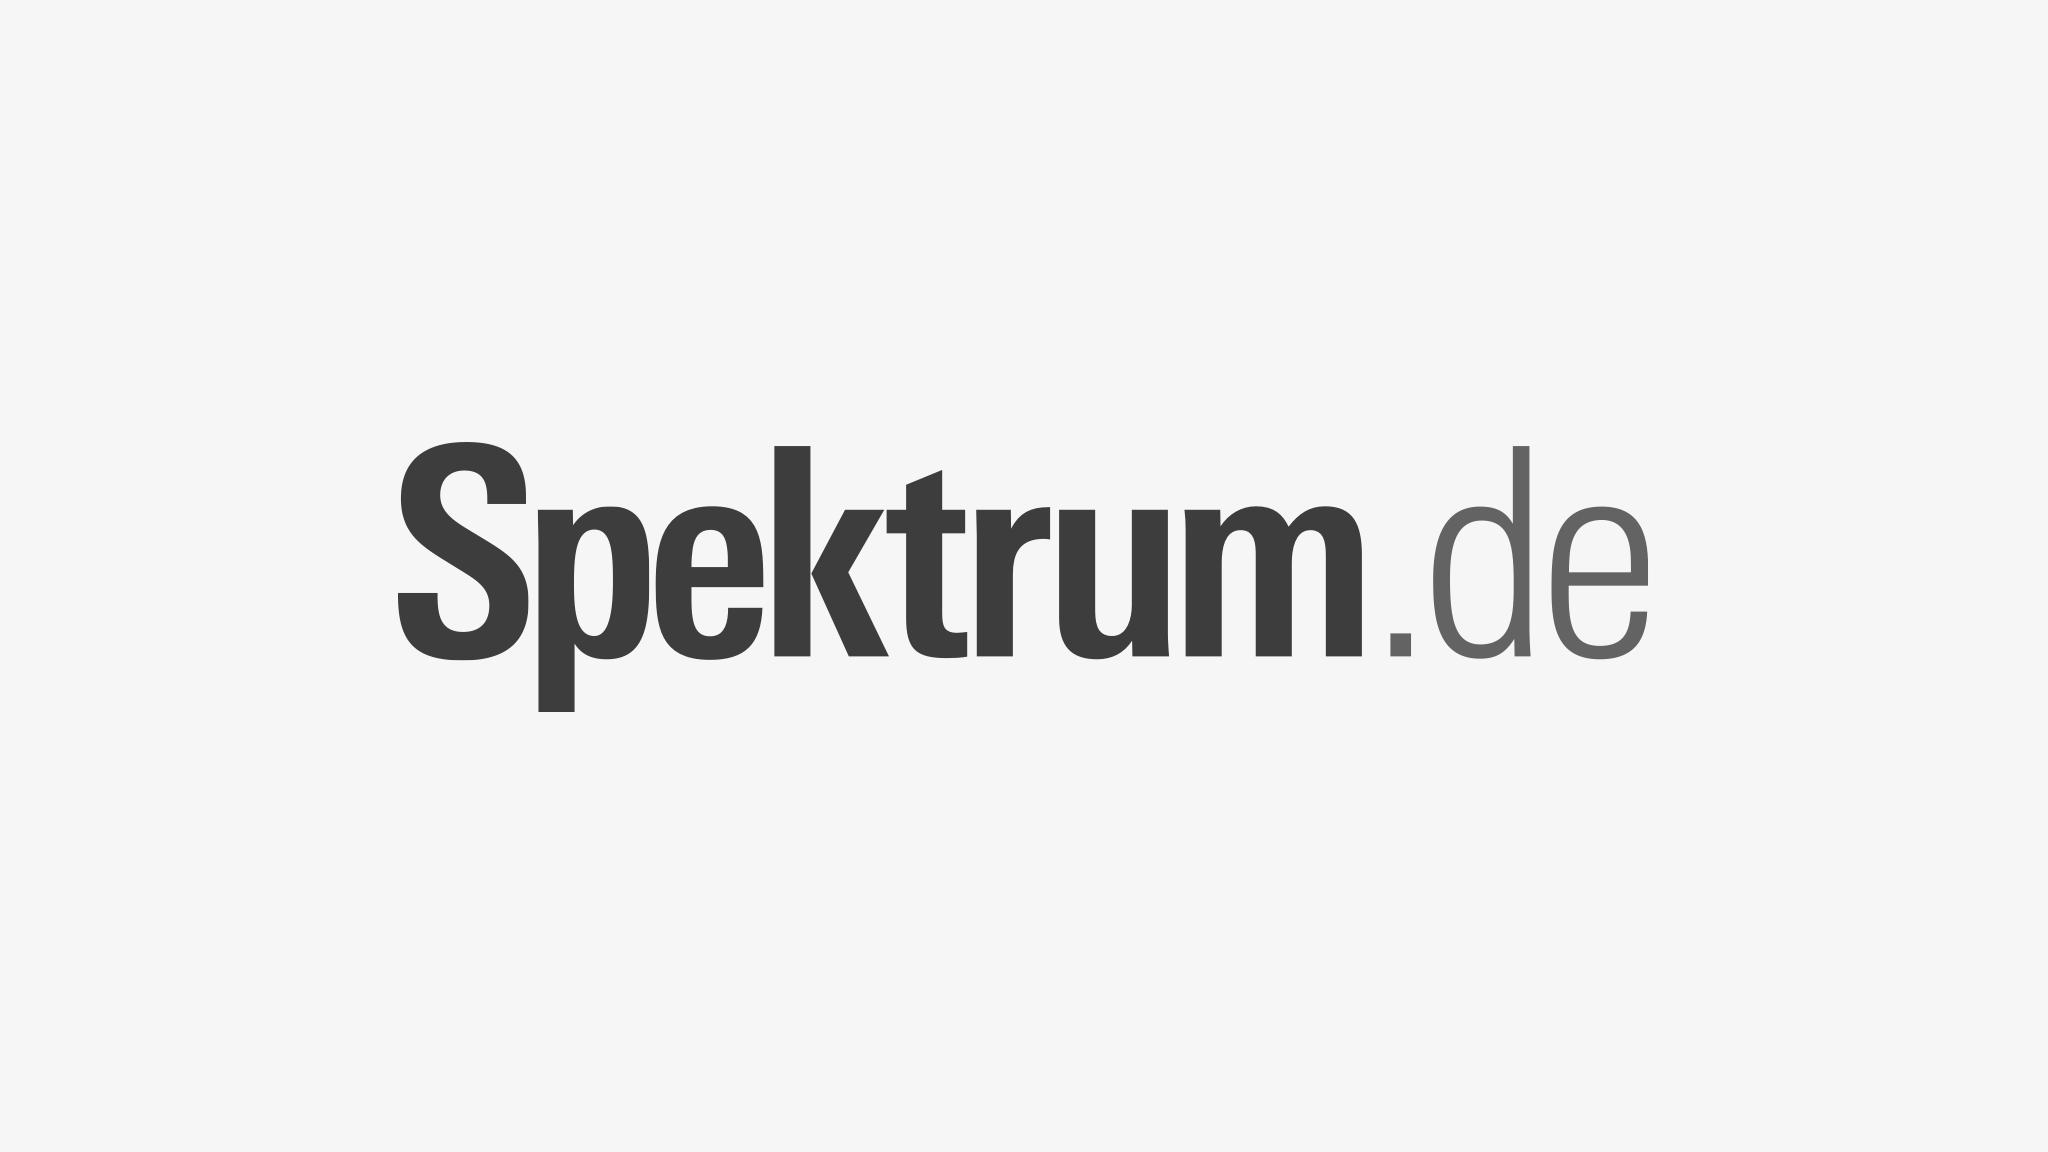 www.spektrum.de